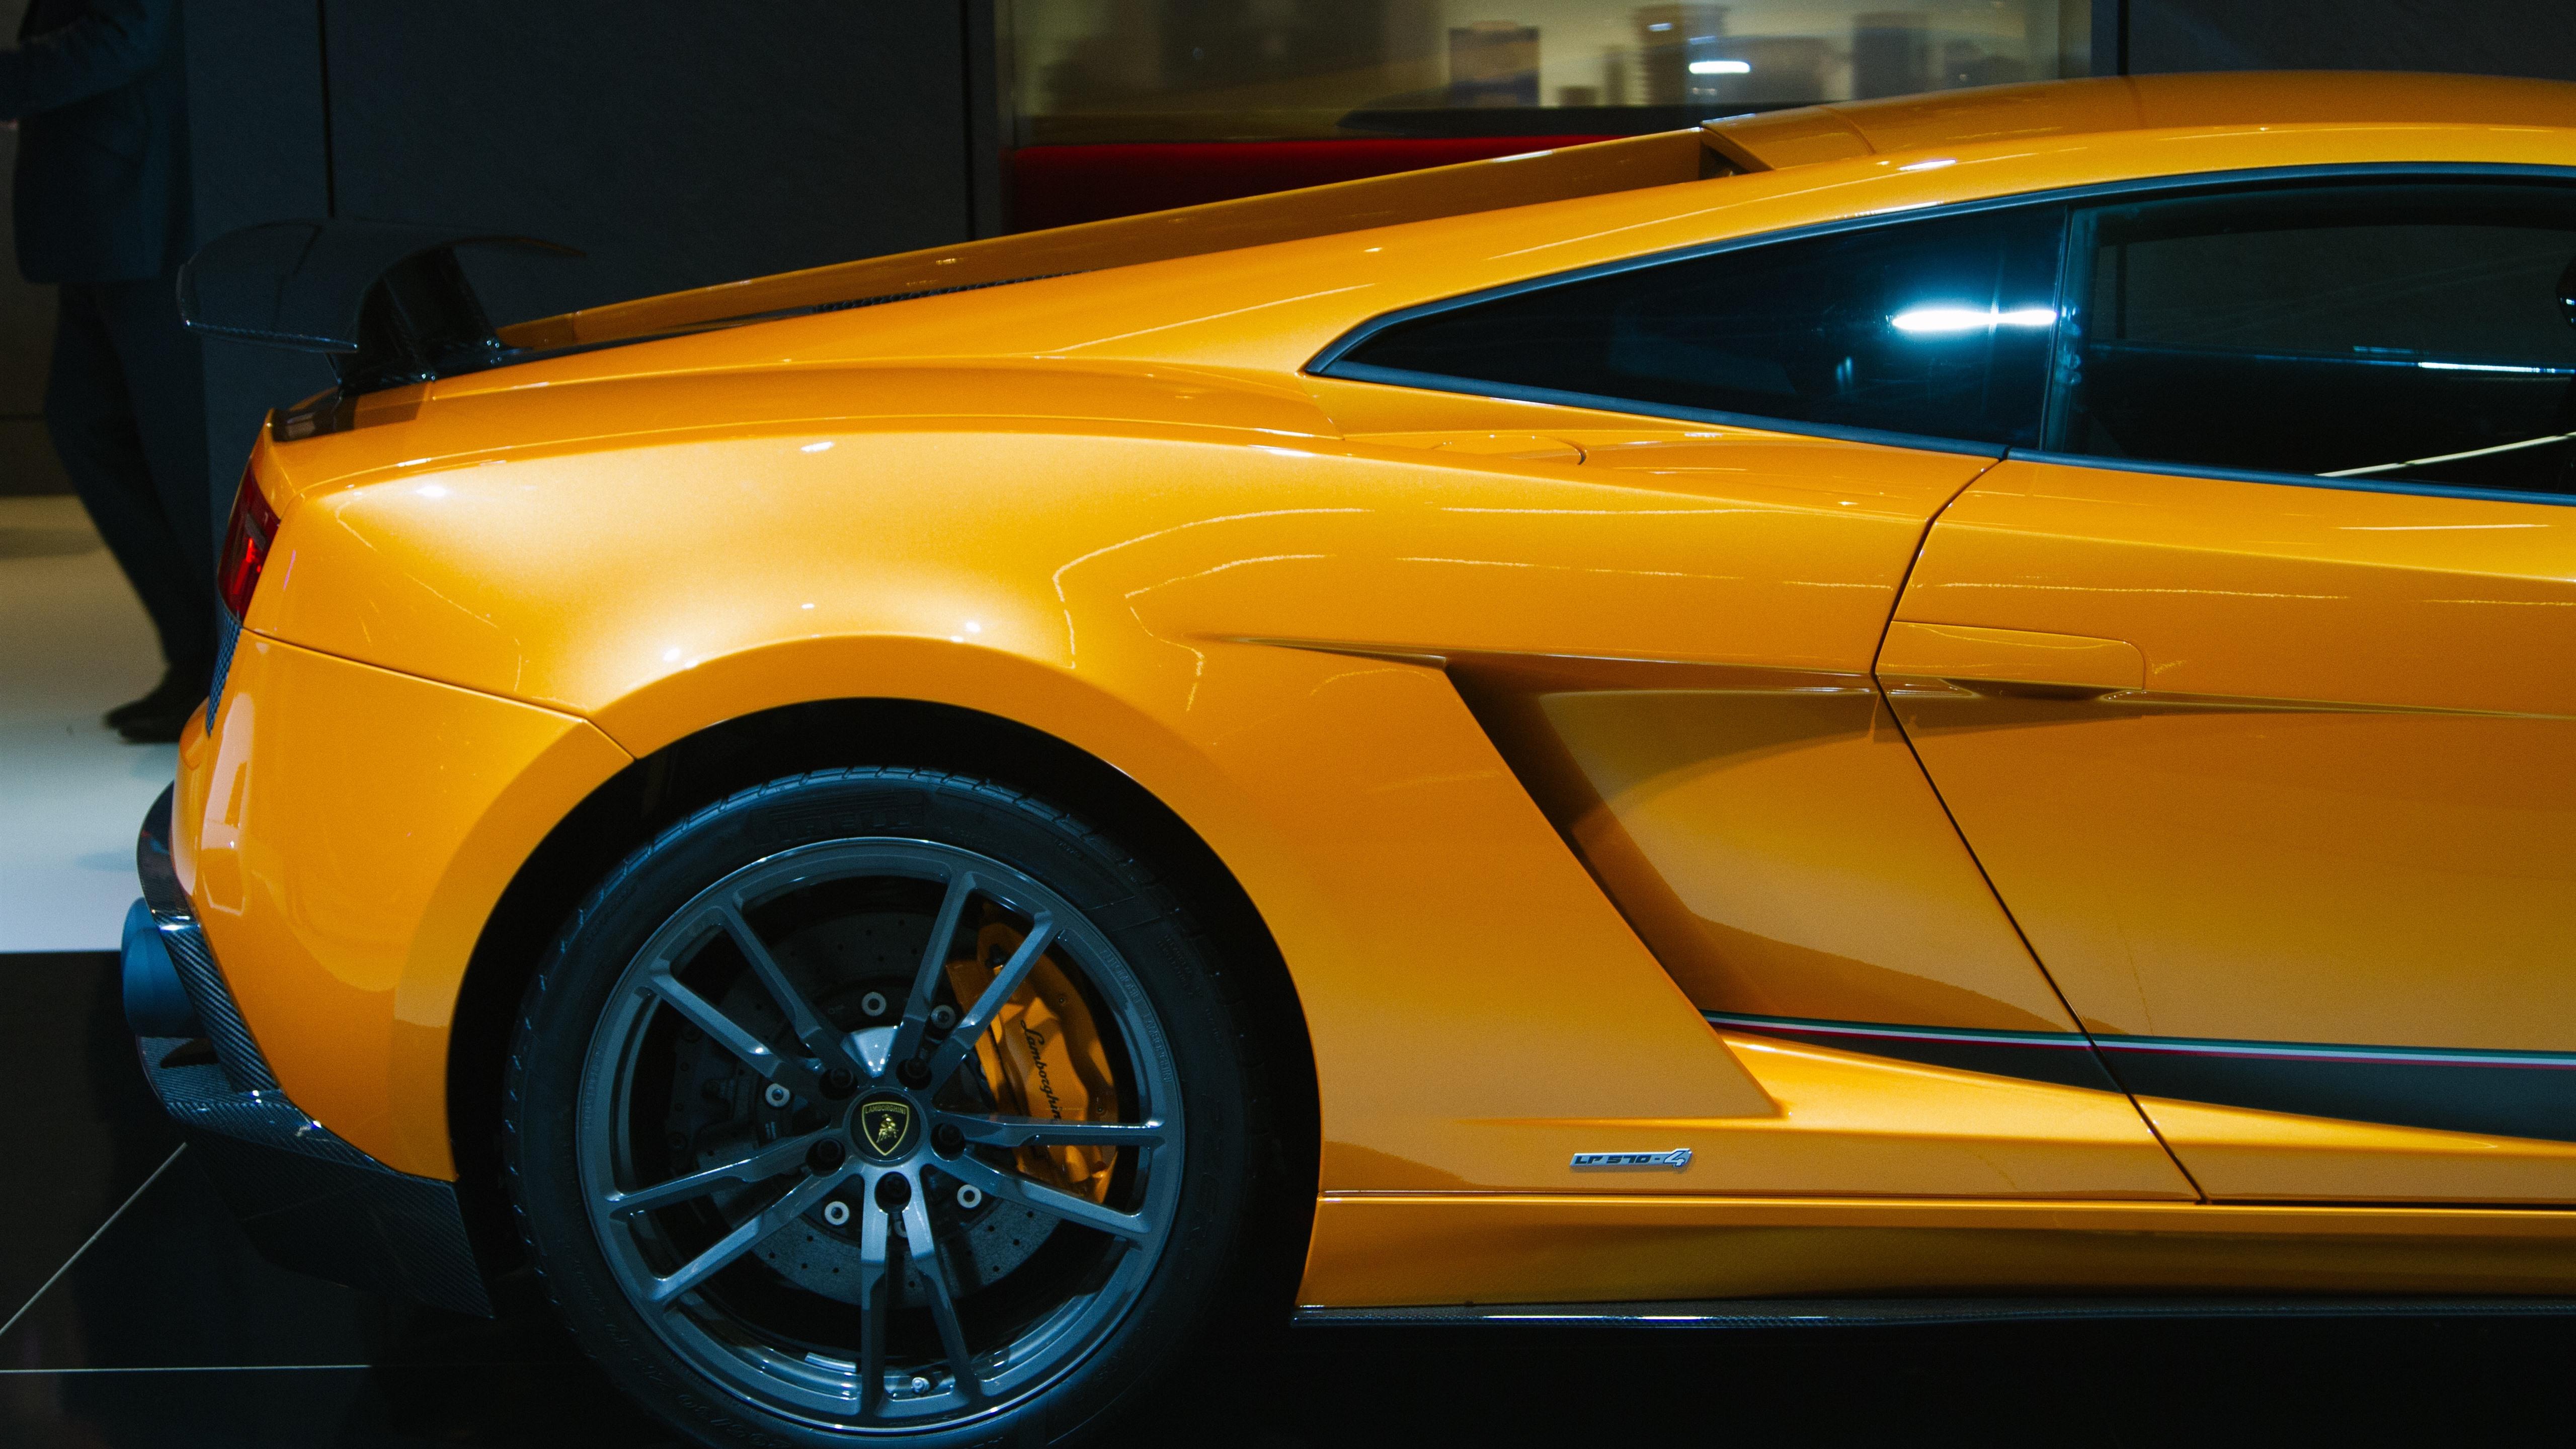 Wallpaper Lamborghini Yellow Car Rear View Wheel 5120x2880 Uhd 5k